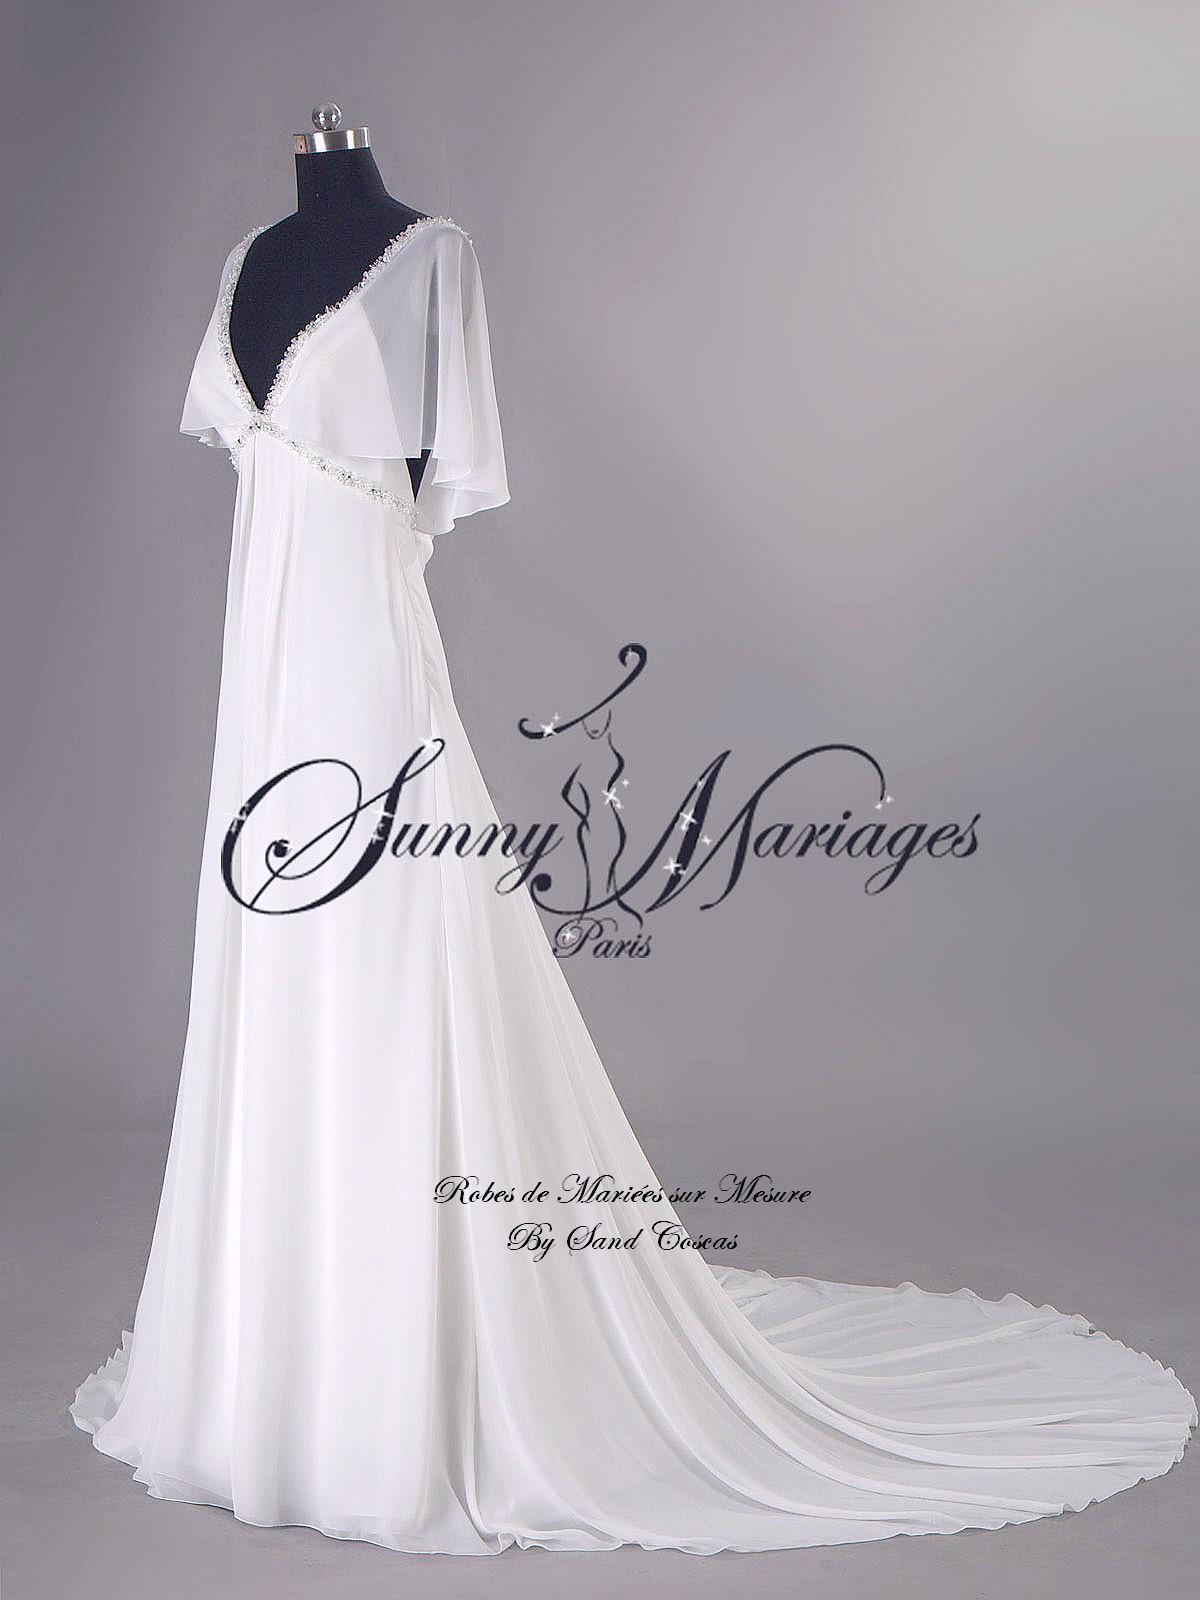 sunnymariages.com/wp-content/uploads/2014/07/robes-de-mariee-empire-boheme-chic-fluide-en-mousseline-SUNNY-MARIAGES-chic-et-pas-cher-599€.jpg